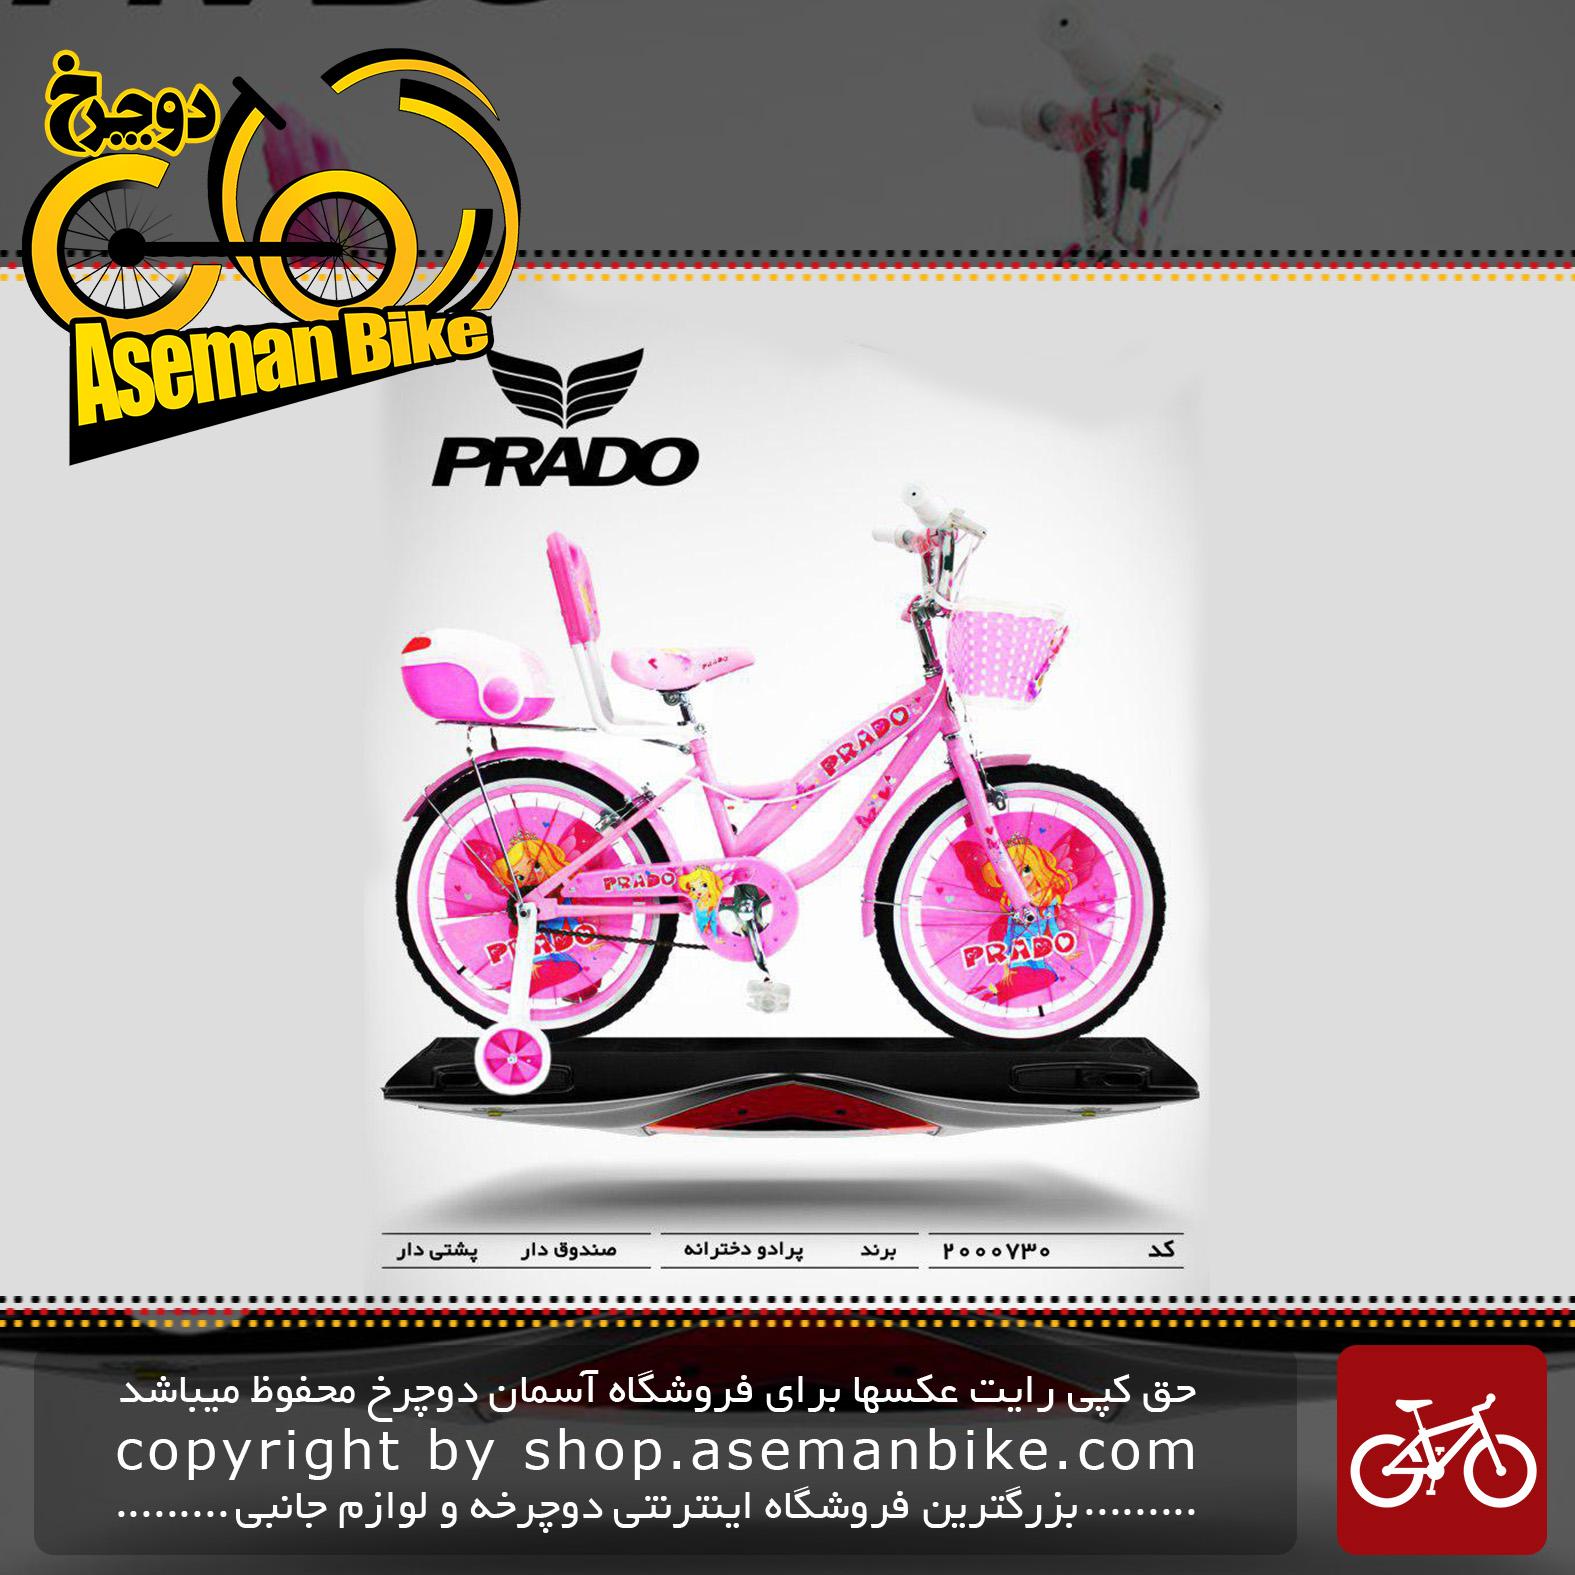 دوچرخه پرادو تایوان صندوق و پشتی دار مدل 730 سایز 20 PRADO Bicycle 730 Size 20 2019